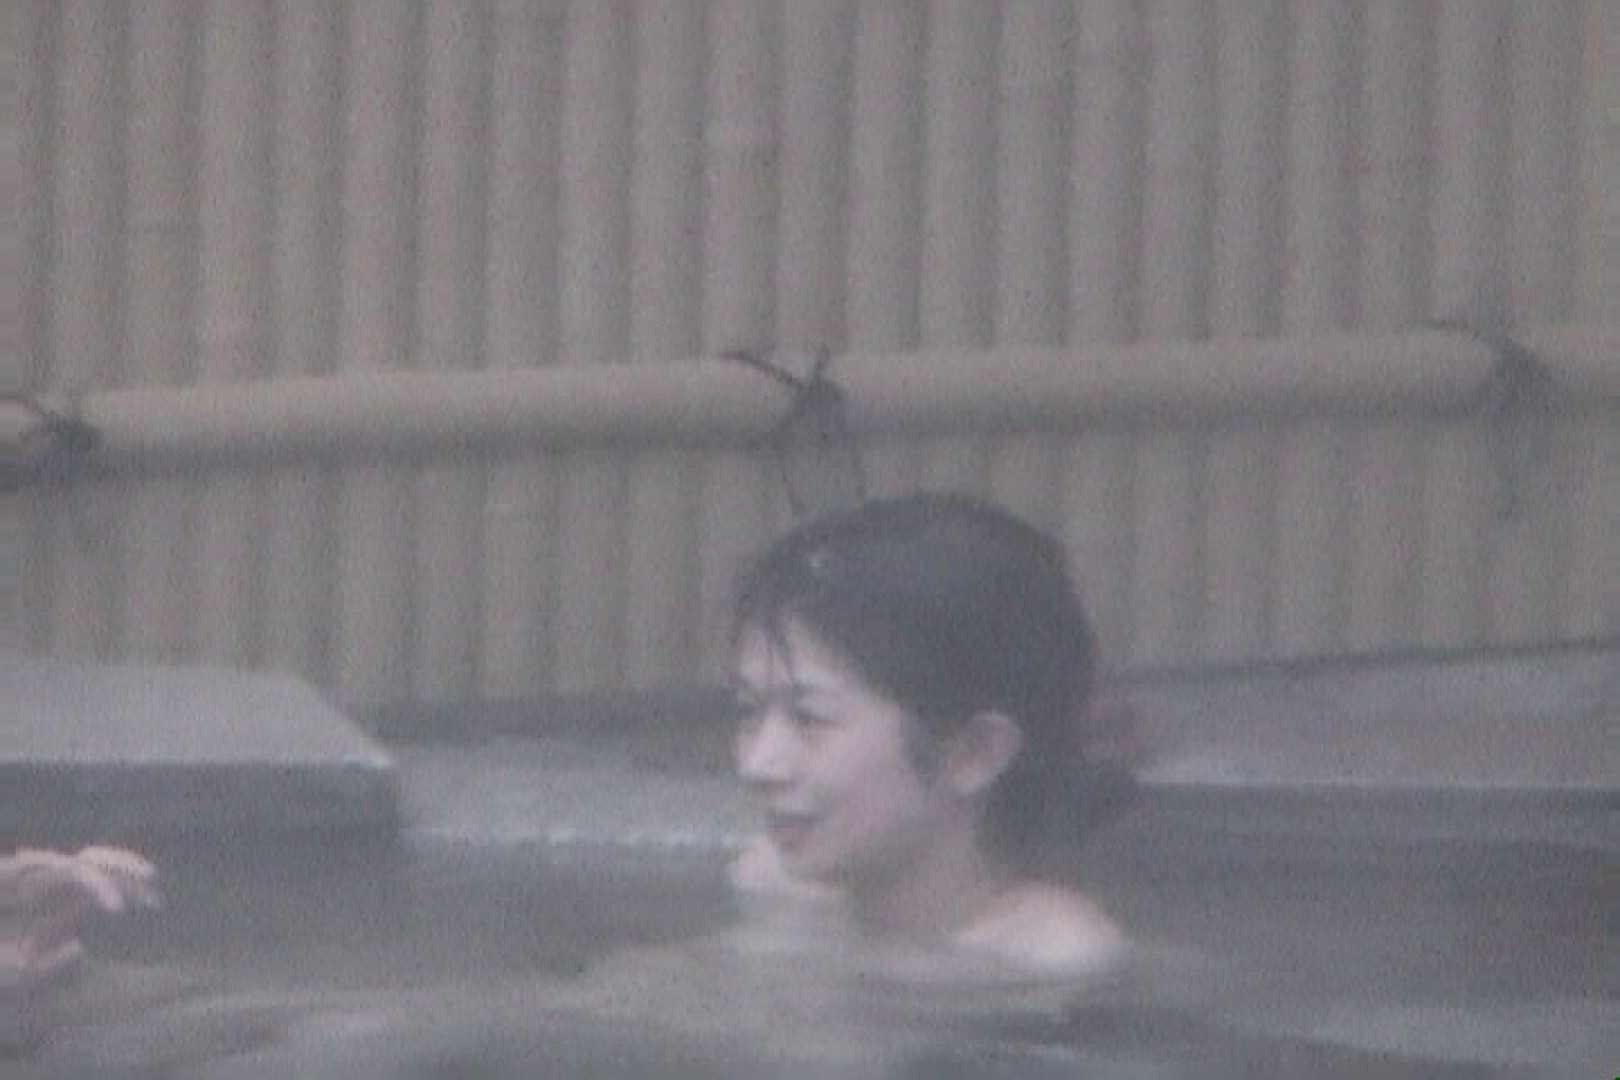 Aquaな露天風呂Vol.82【VIP限定】 盗撮 | 露天  87pic 70